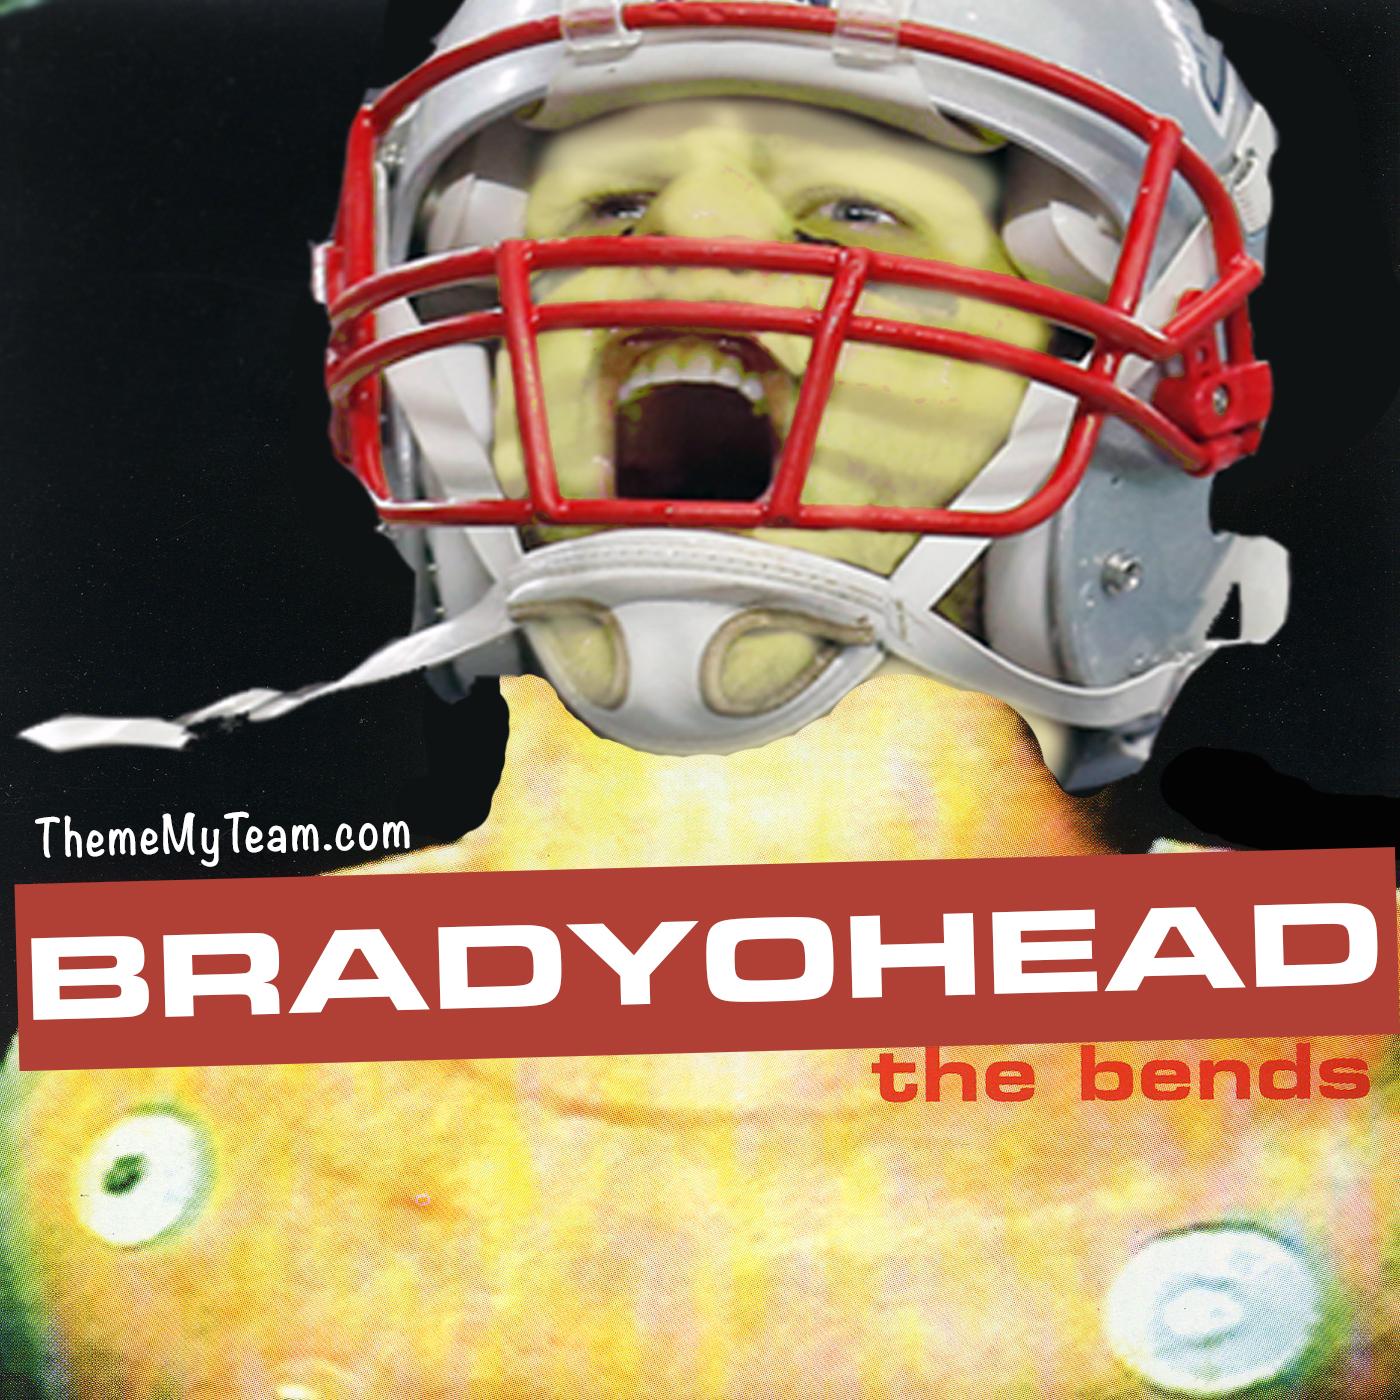 Bradyohead_TMT